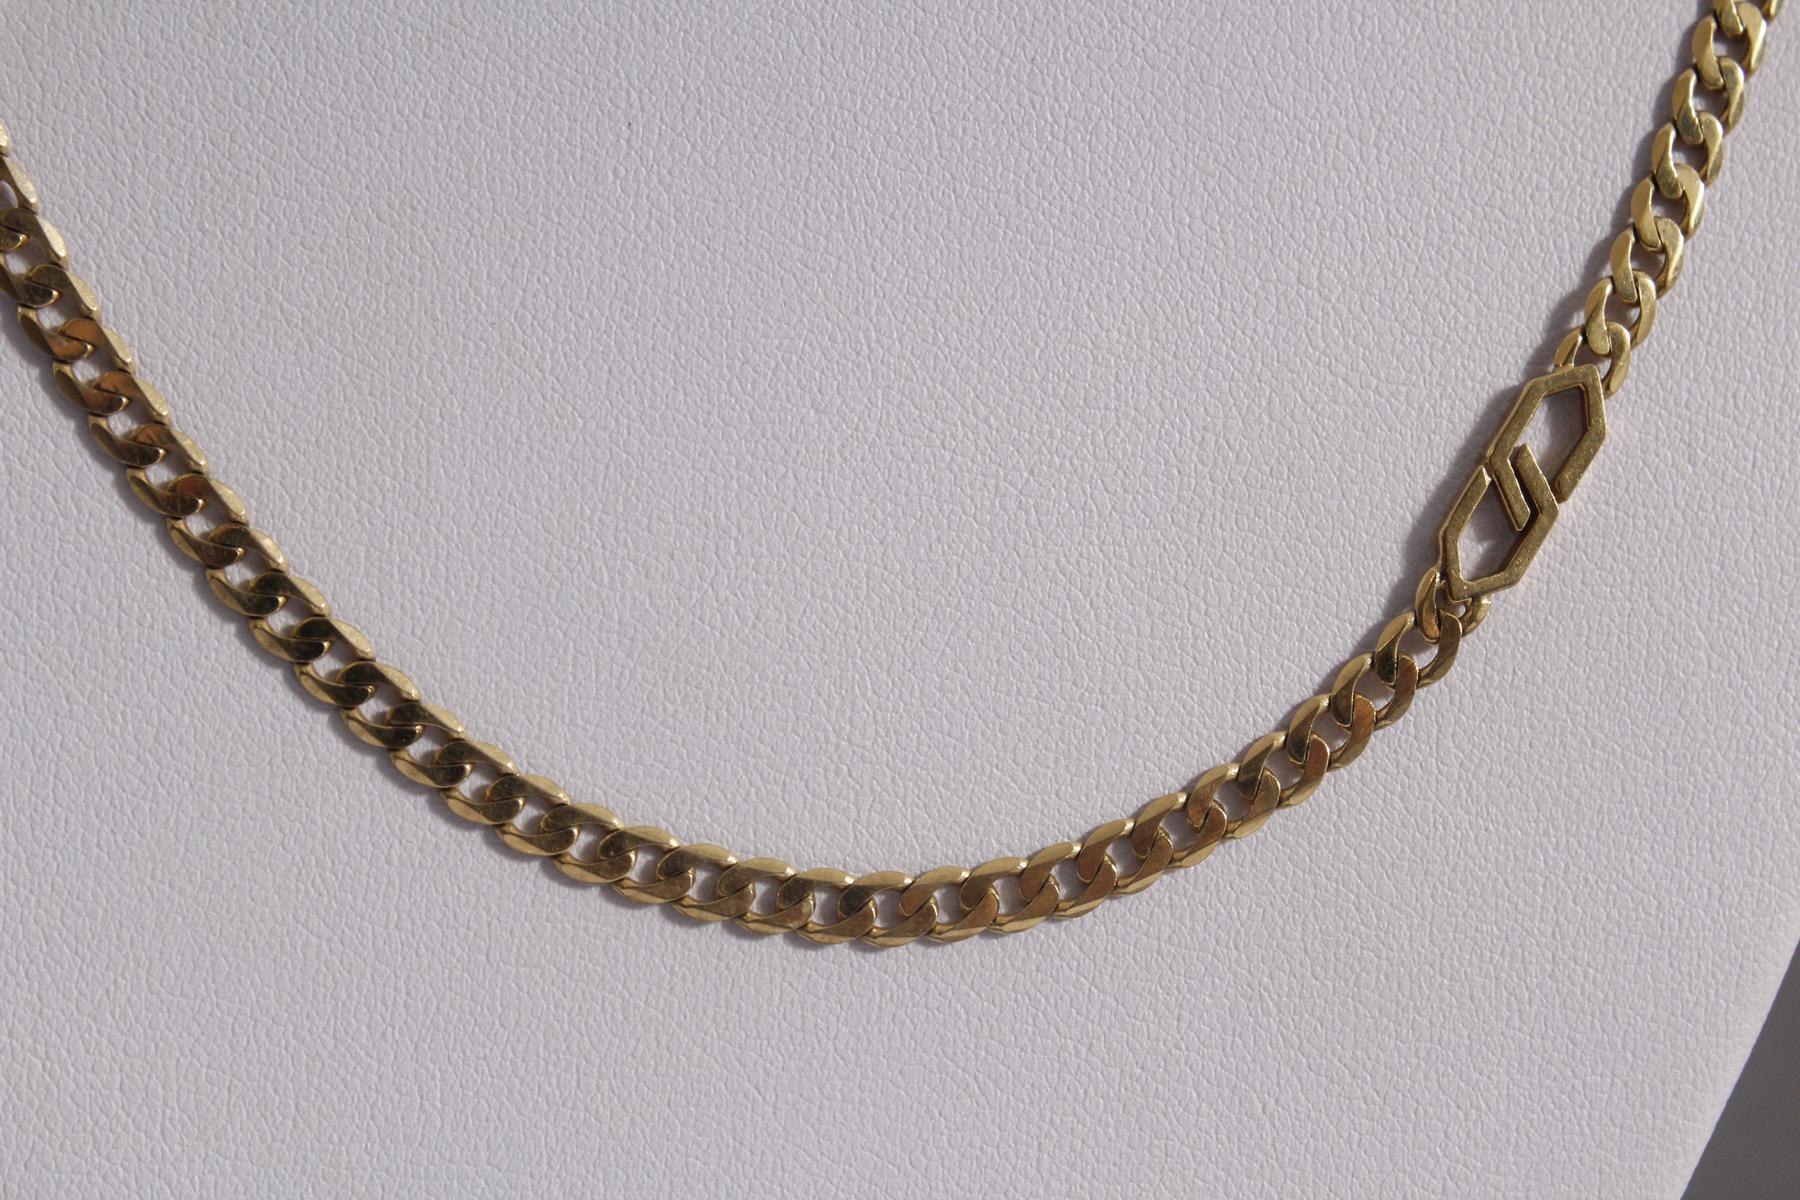 Halskette aus 8 Karat Gelbgold-2